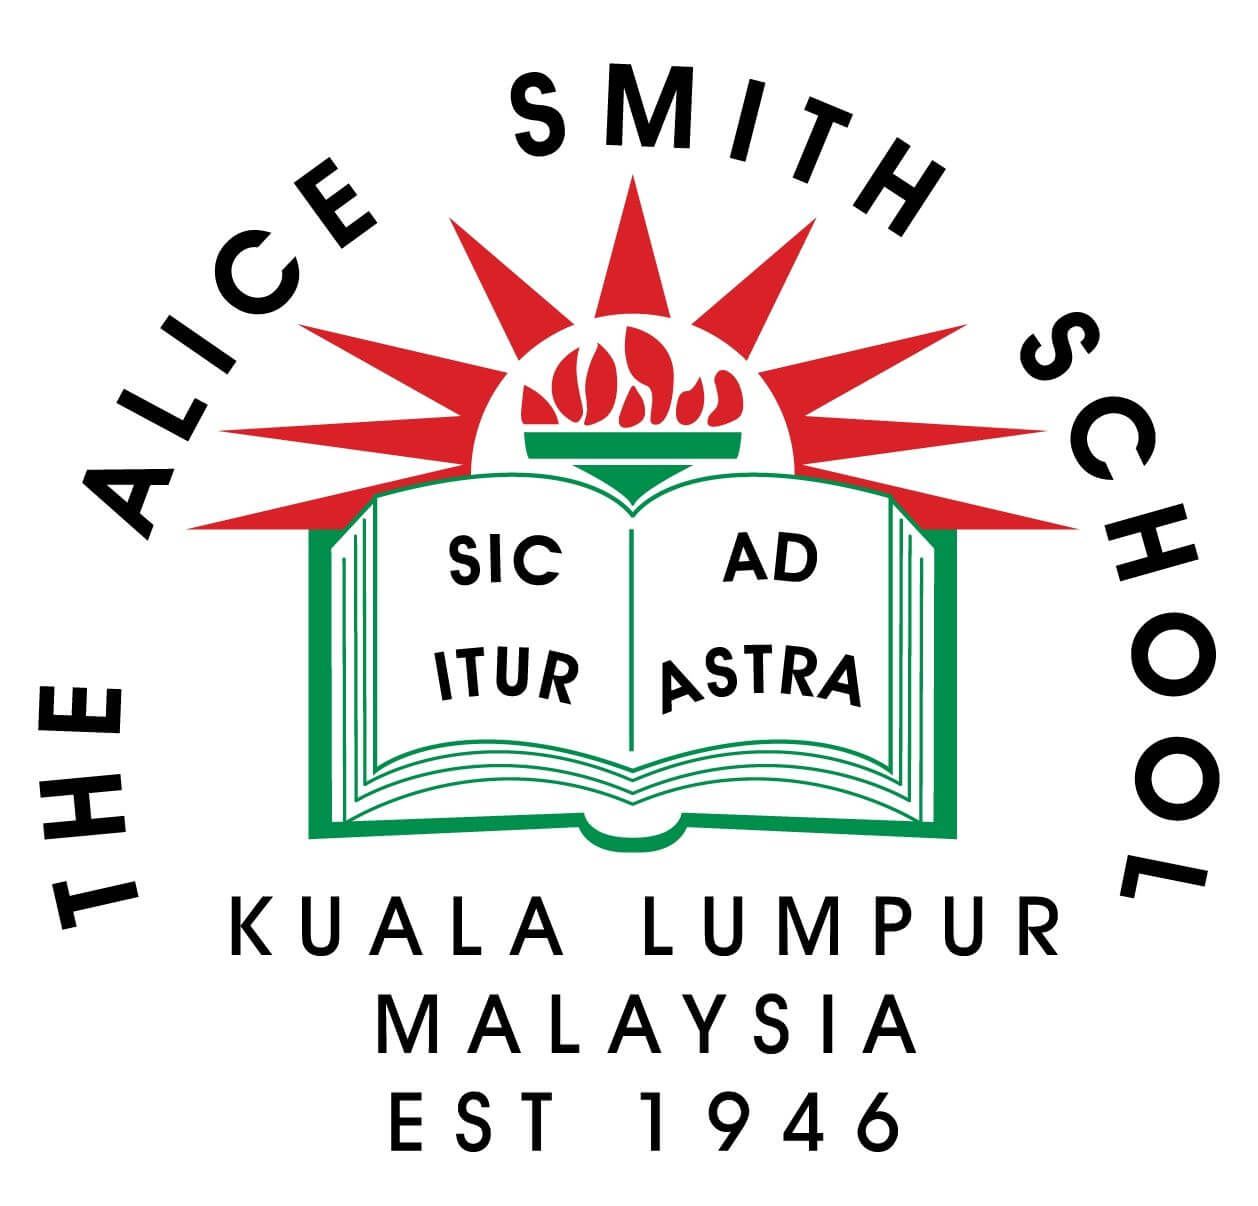 The Alice Smith School KL